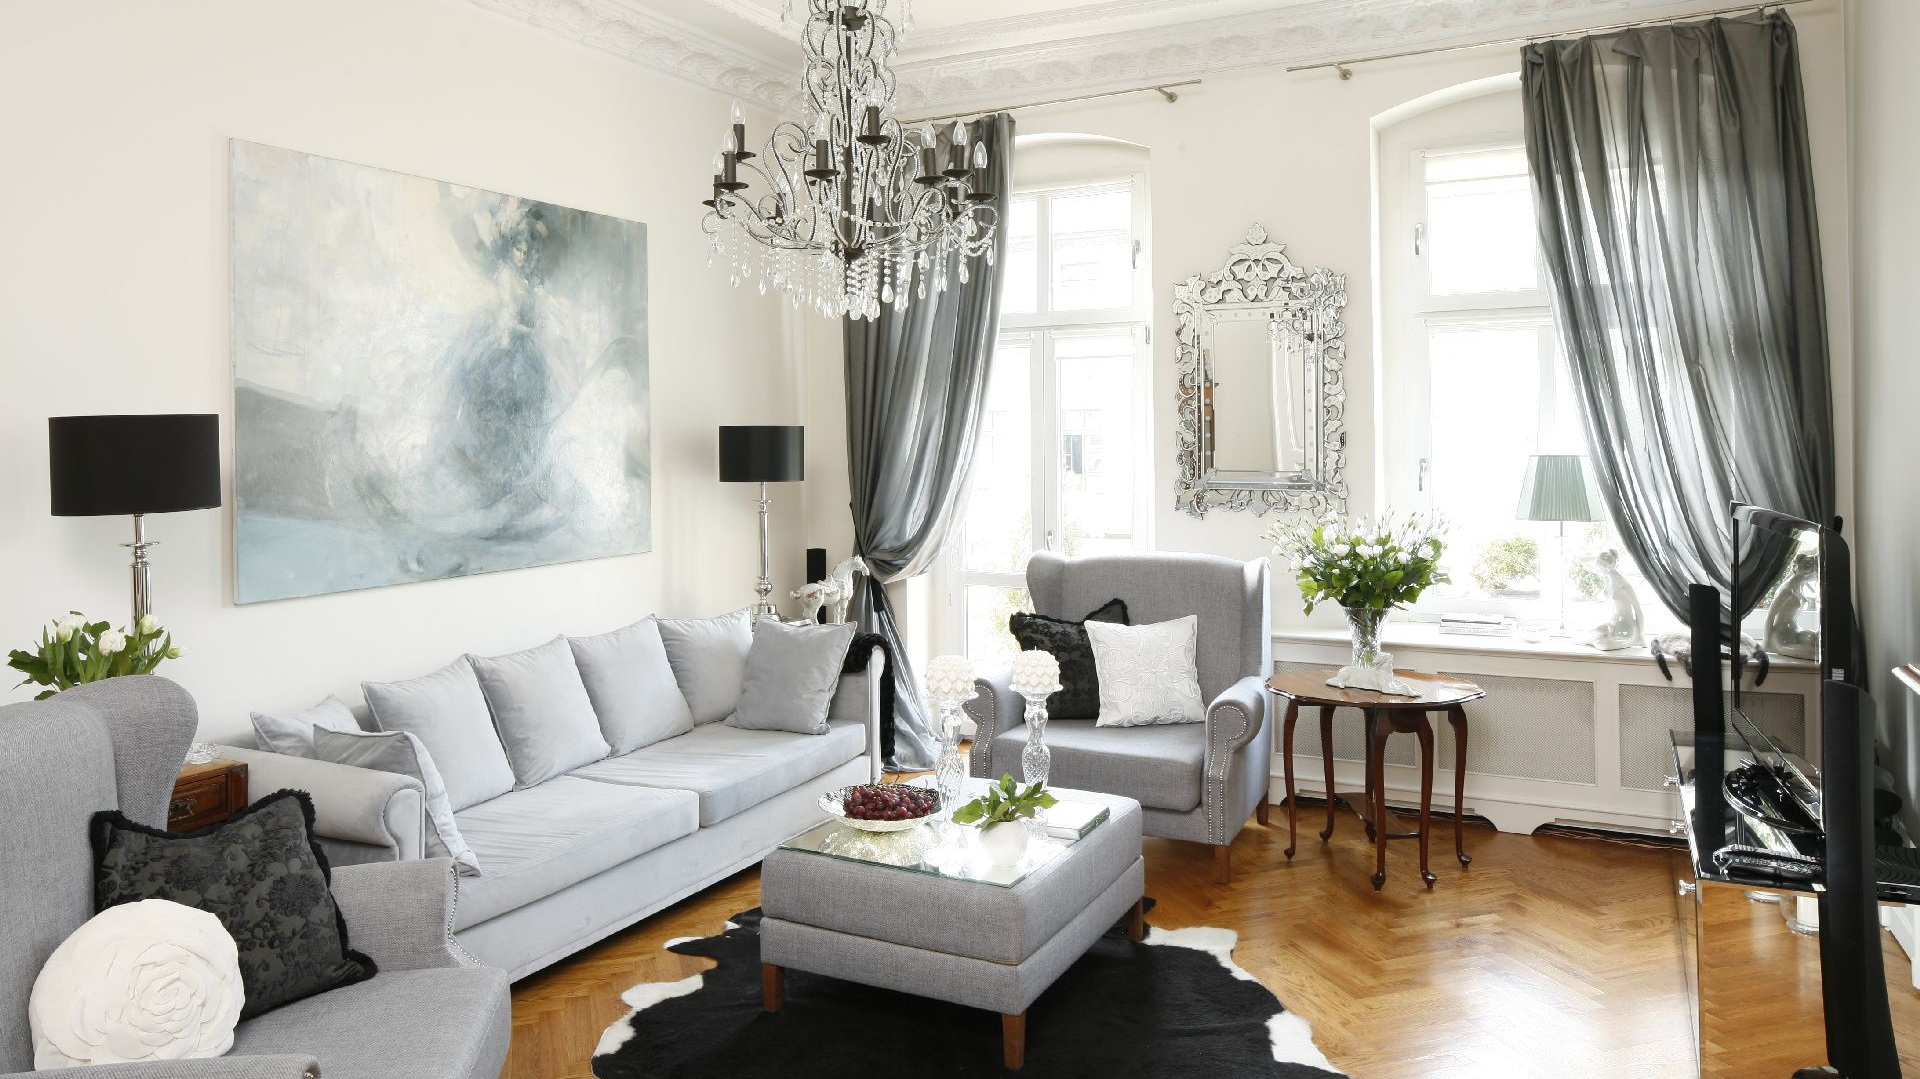 Pokój dzienny w pięknym klasycznym stylu. Funkcję stolika kawowego pełni wsalonie duża pufa. Wtej dość nietypowej roli sprawdza się znakomicie. Fot. Bartosz Jarosz.